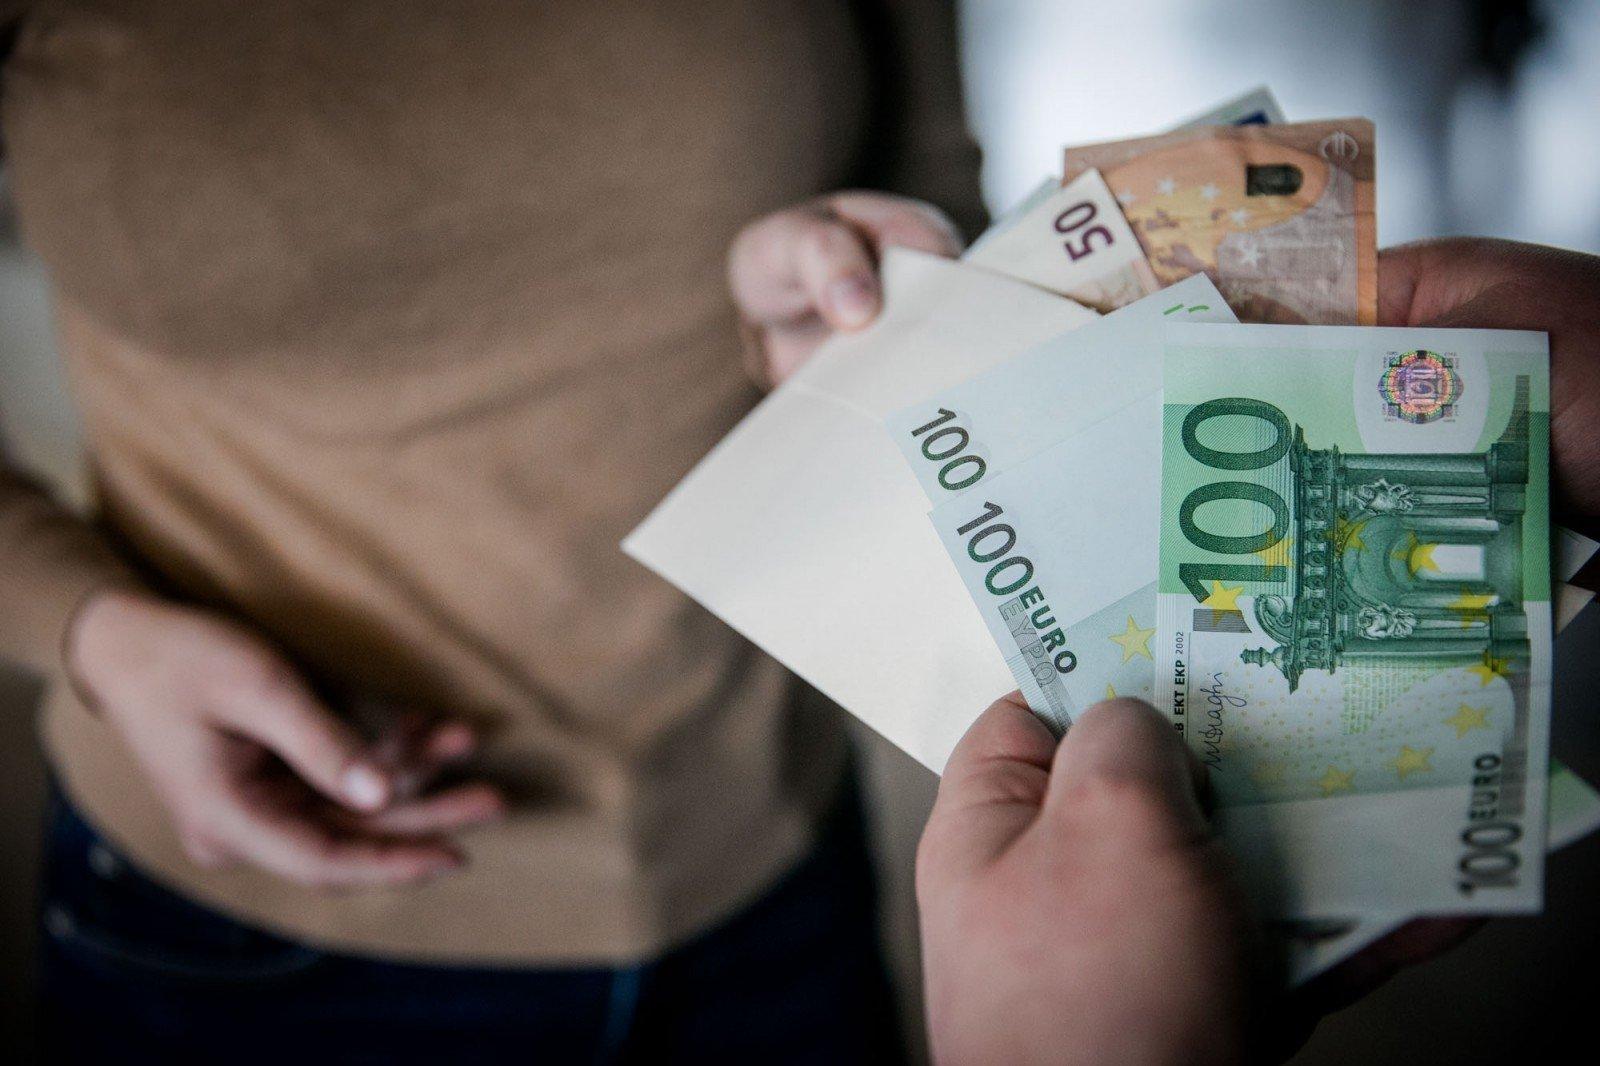 Kur internete uždirbami tikri dideli pinigai. 15 keisčiausių būdų, kaip uždirbami pinigai internete